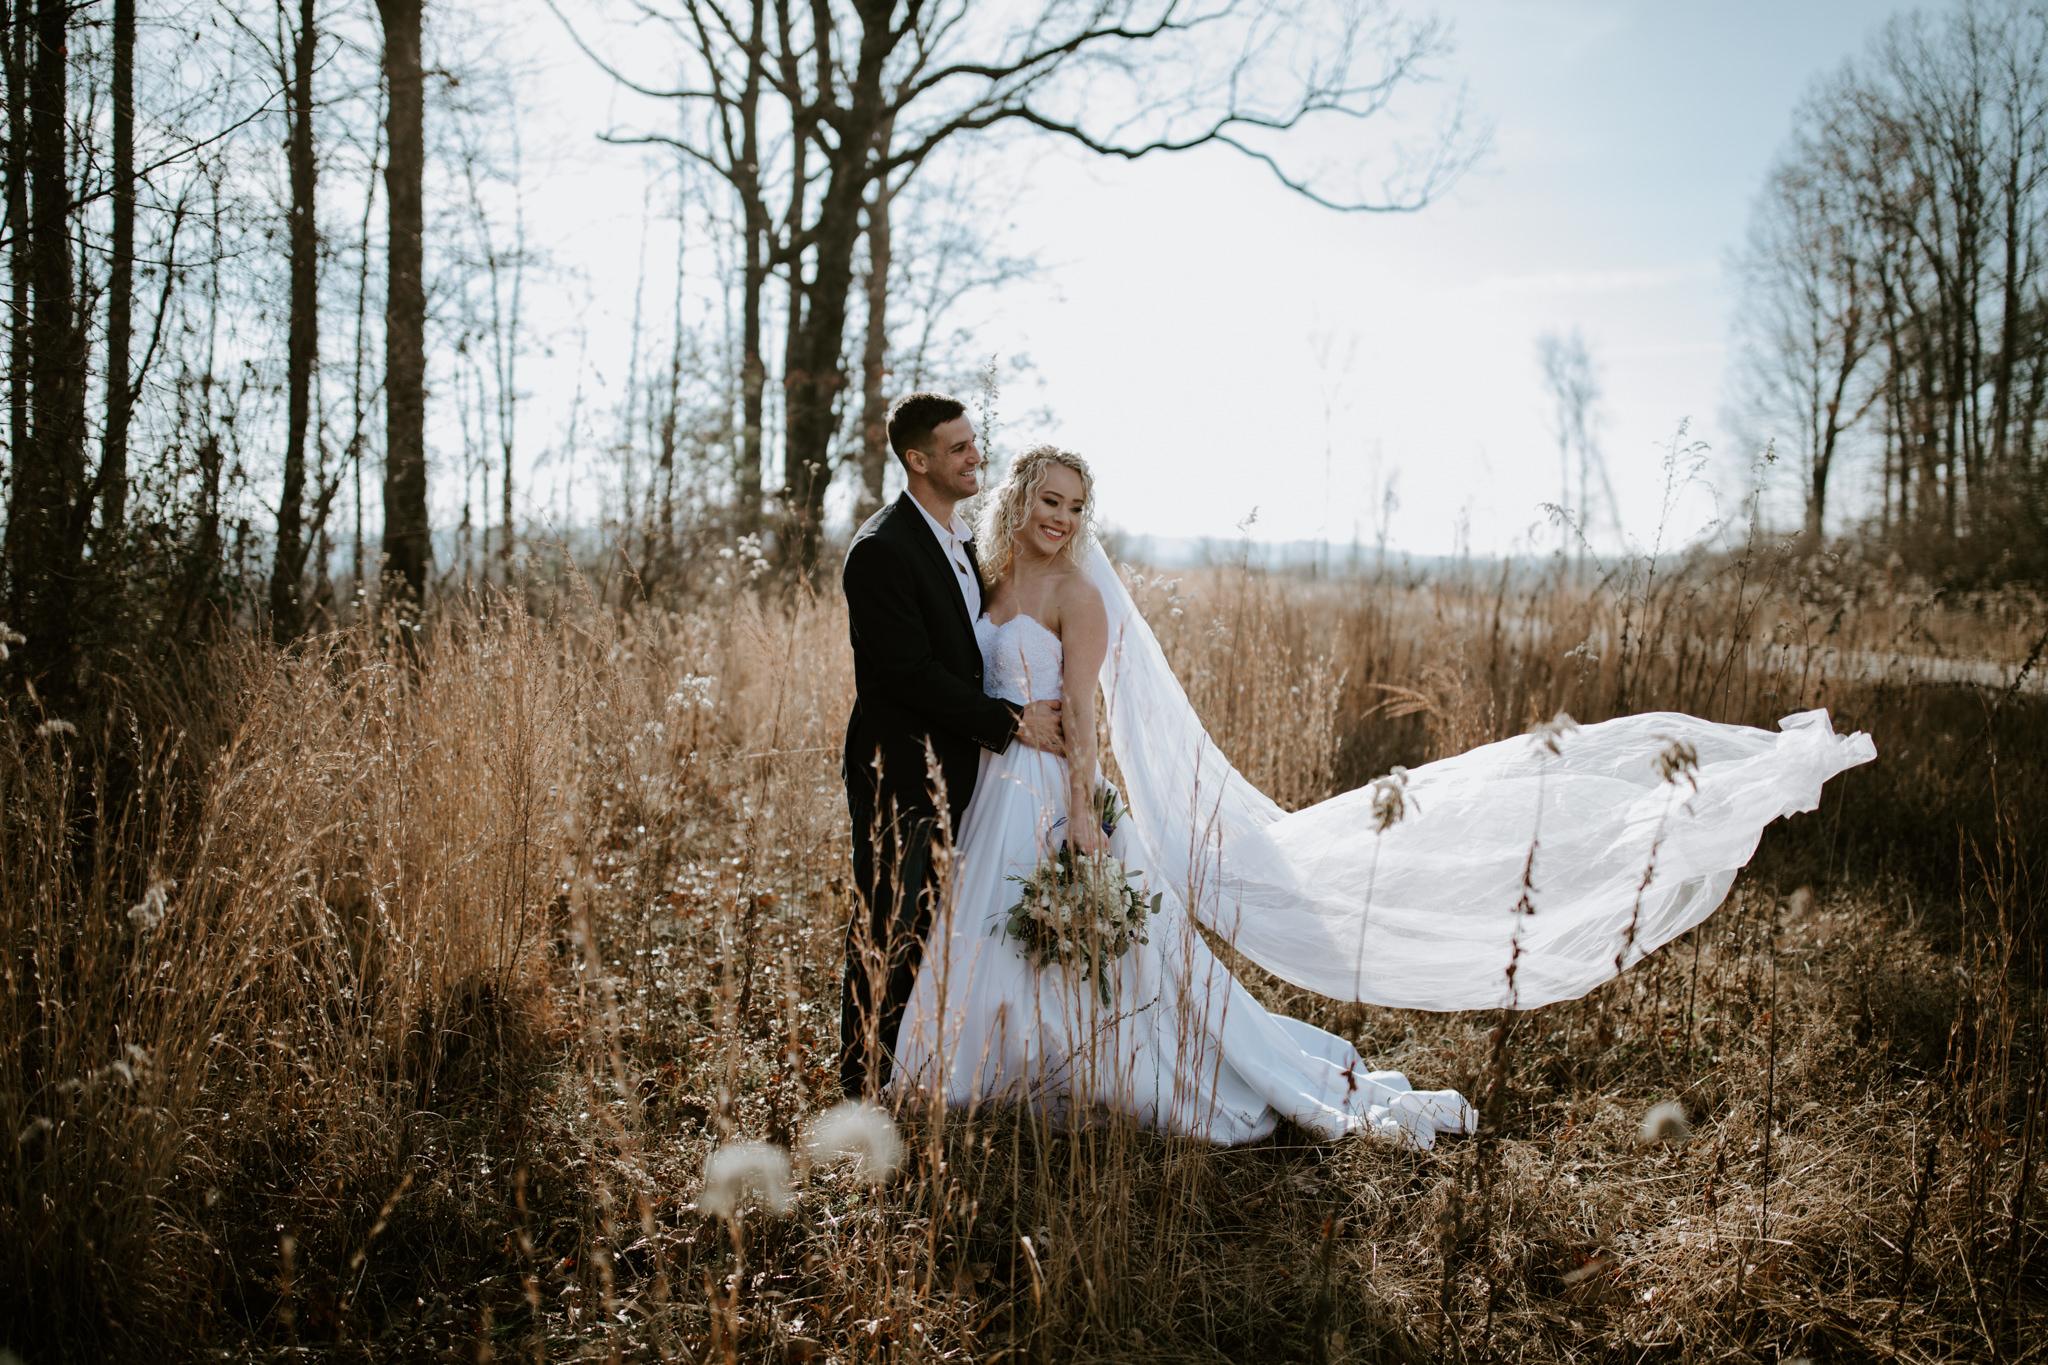 Lauren-and-Trent-Chattanooga-Nashville-Wedding-Elopement-Photographer-45.jpg